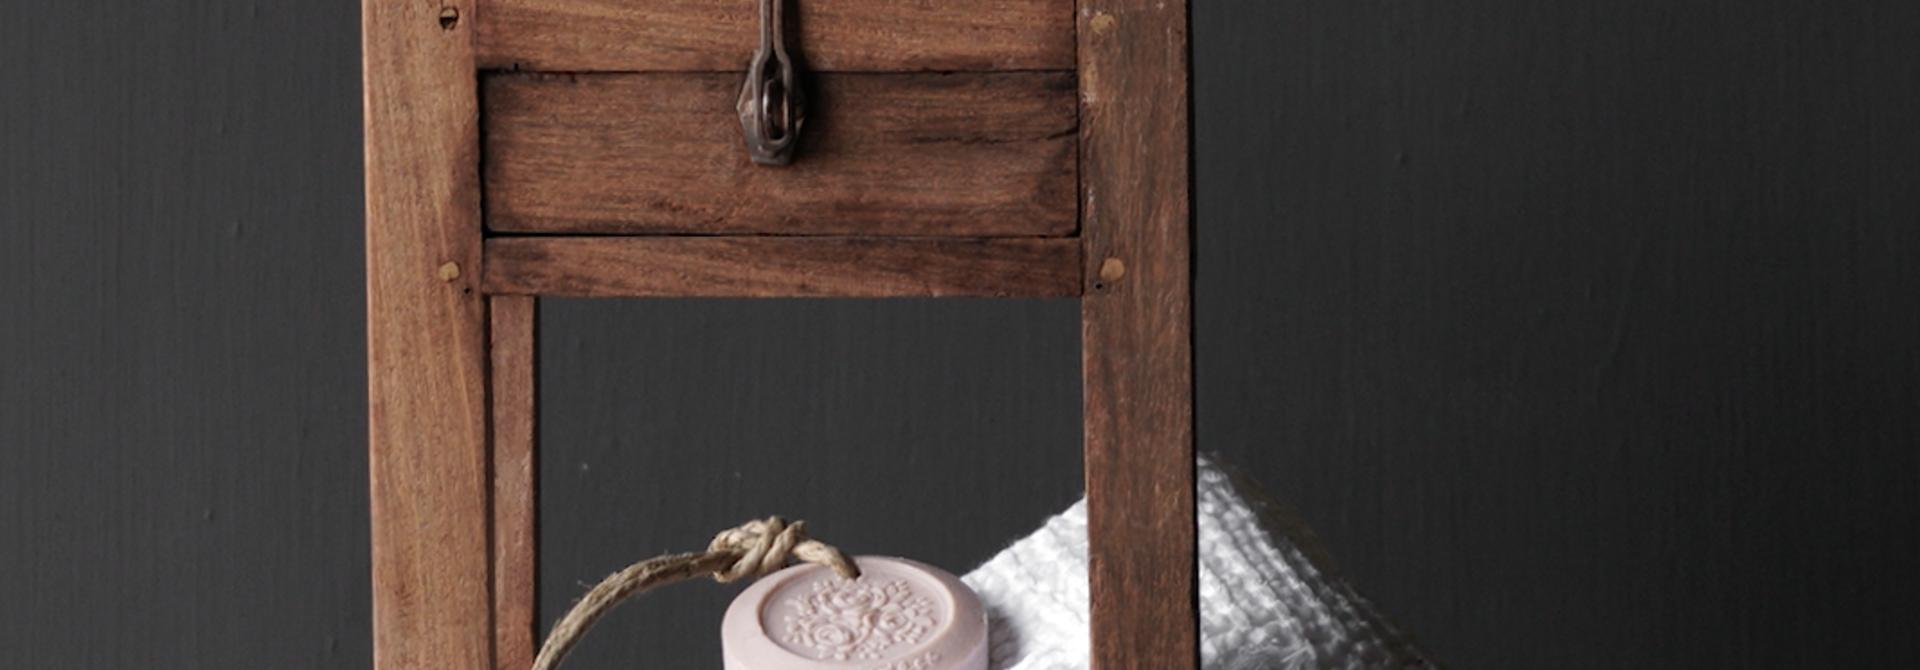 Unique Old Authentic wooden mini table